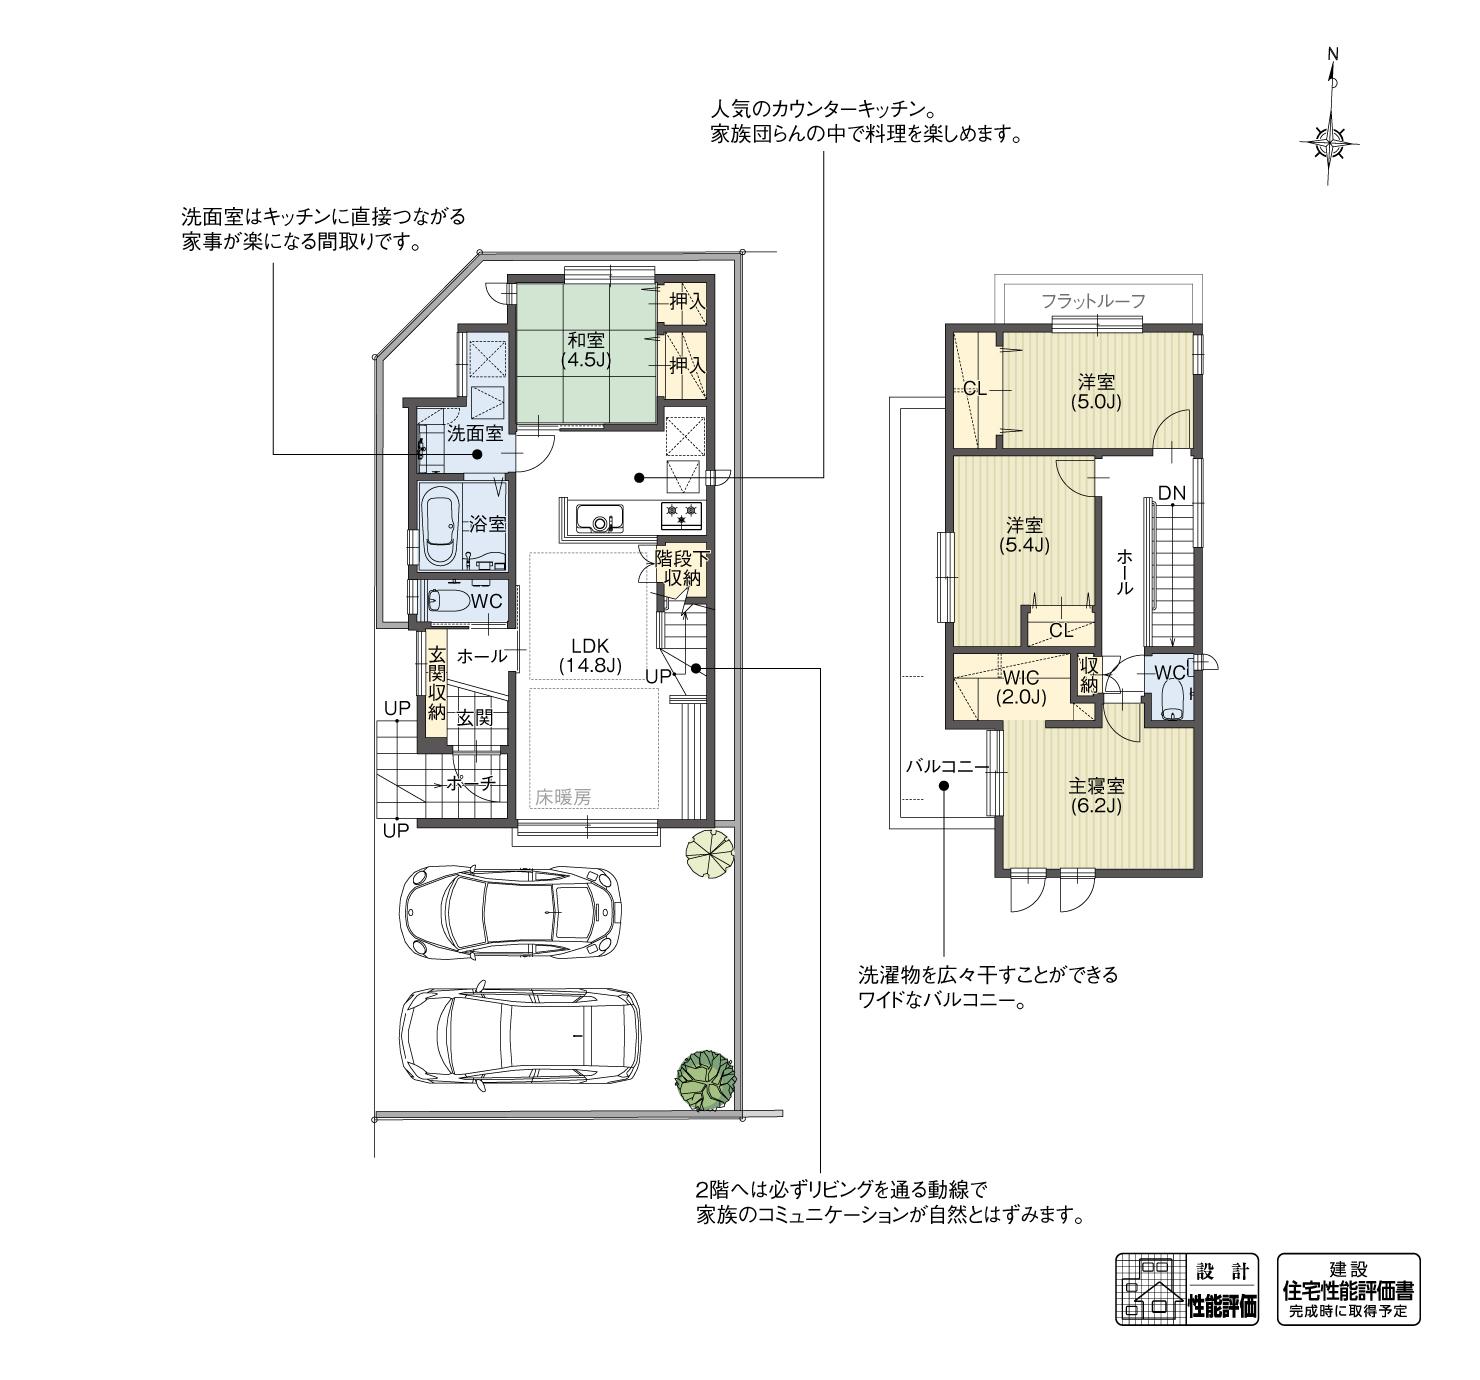 5_間取図_plan1_北区光音寺町4